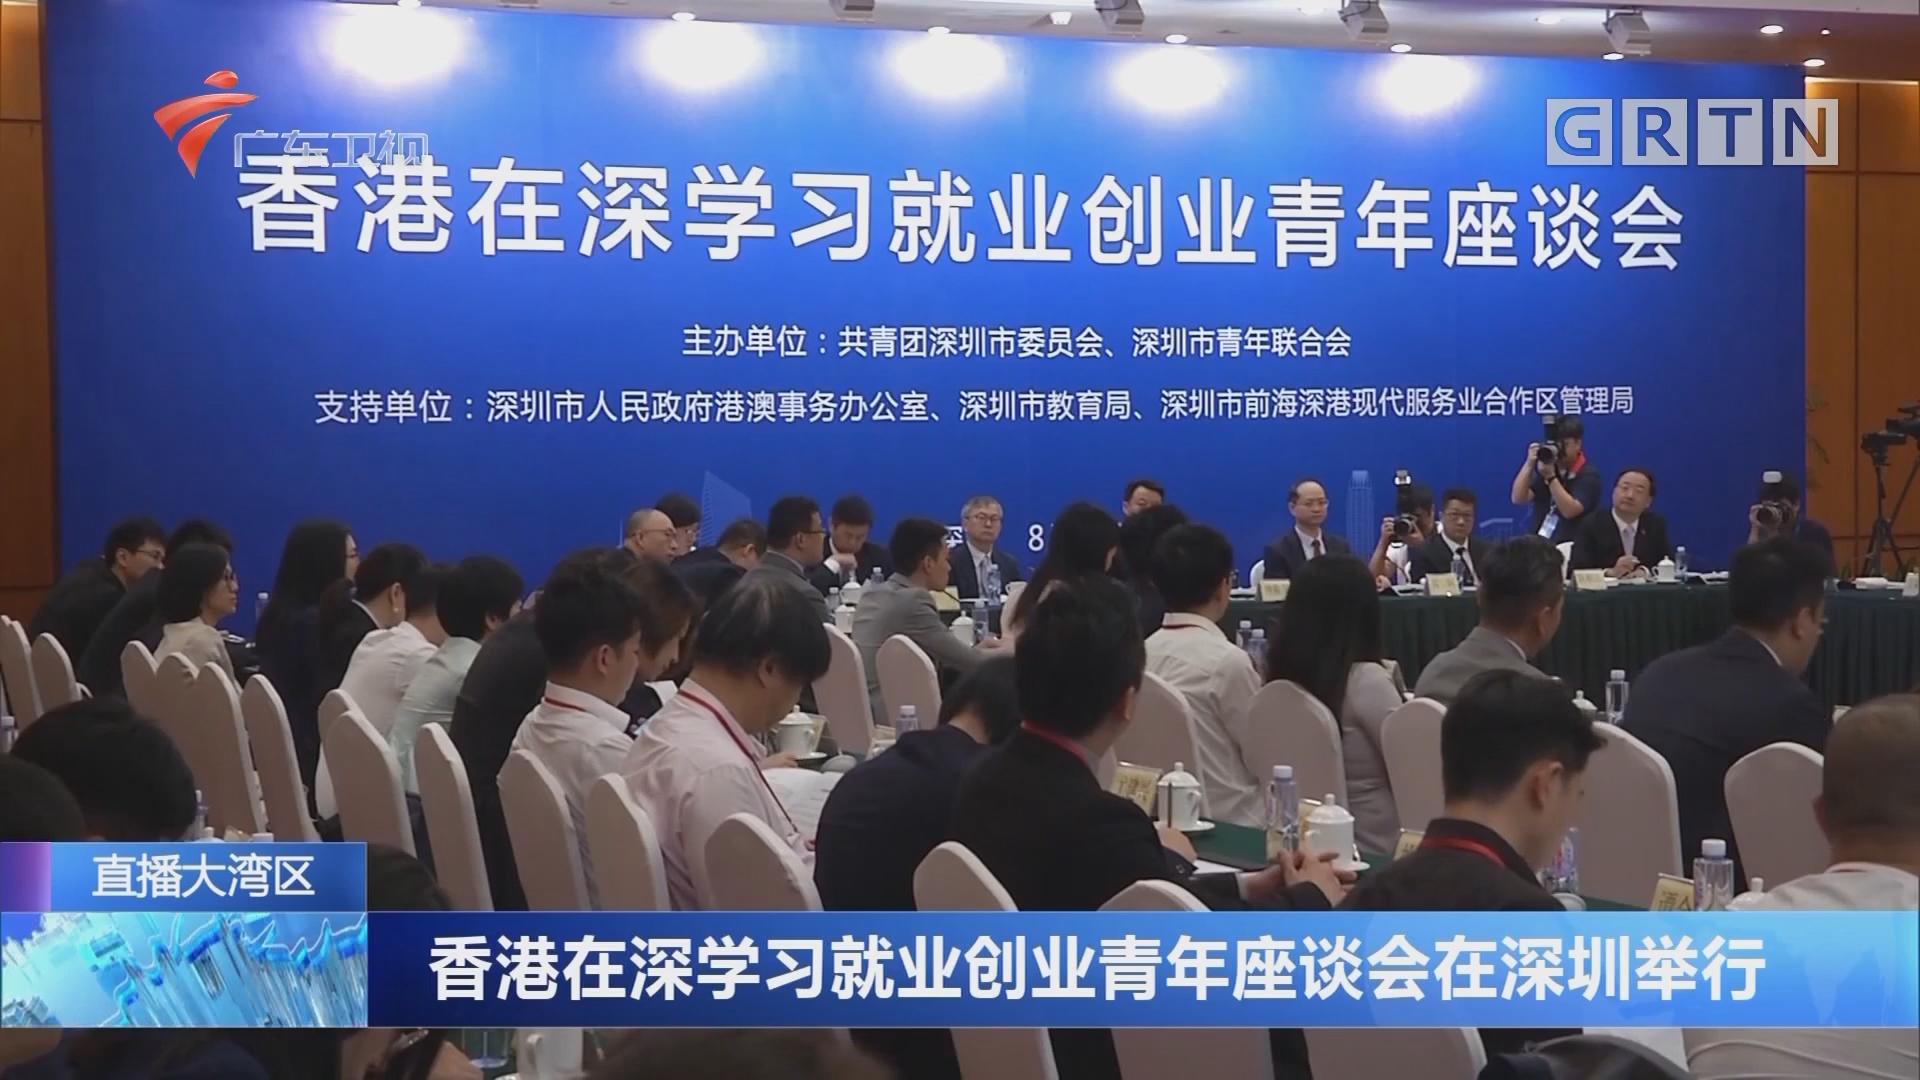 香港在深学习就业创业青年座谈会在深圳举行